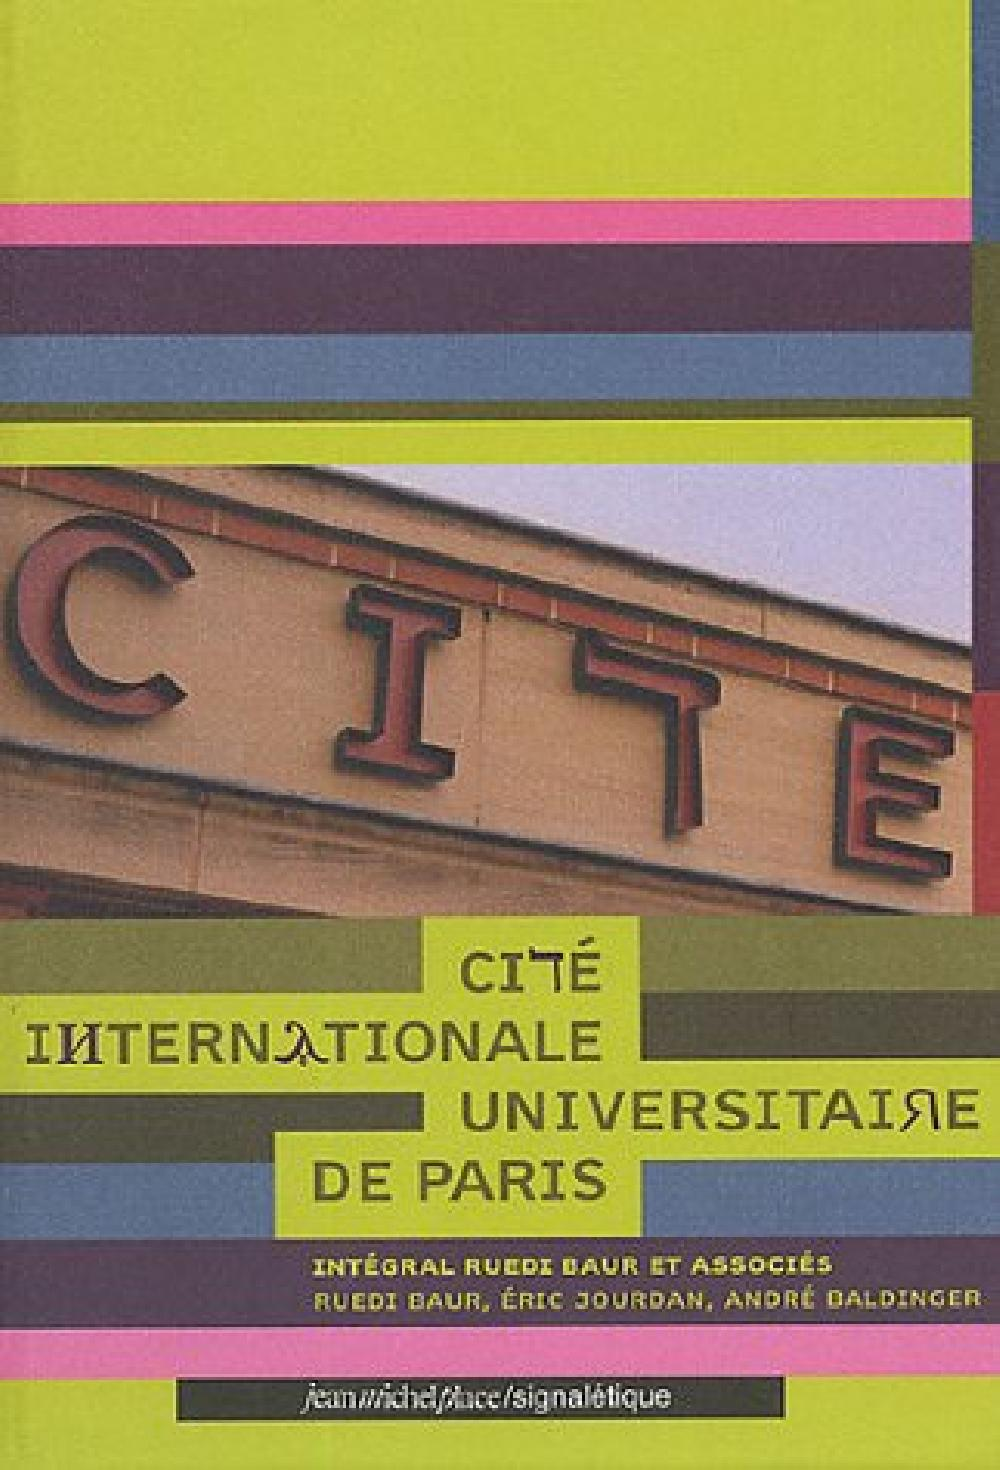 Cité internationale universitaire de Paris